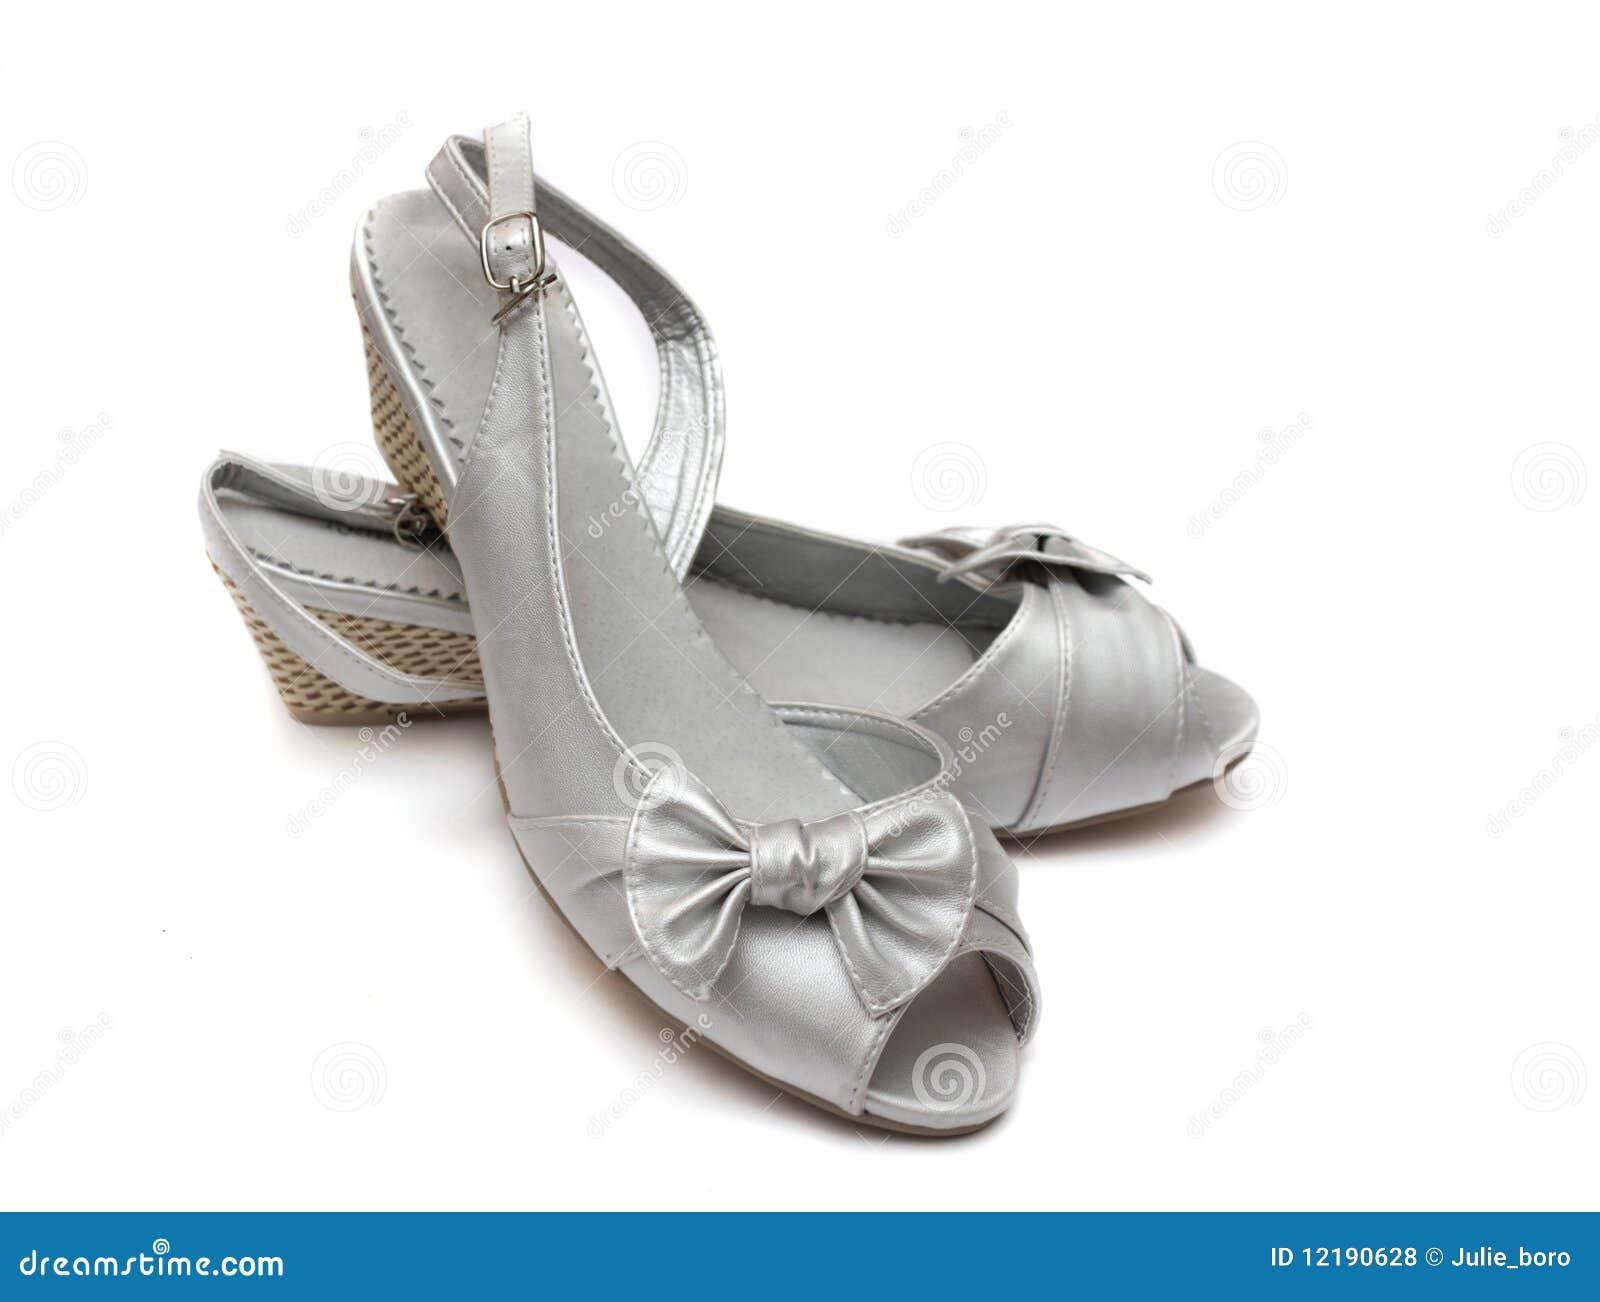 bce89d440d0723 Silberne weibliche Schuhe stockfoto. Bild von fashion - 12190628